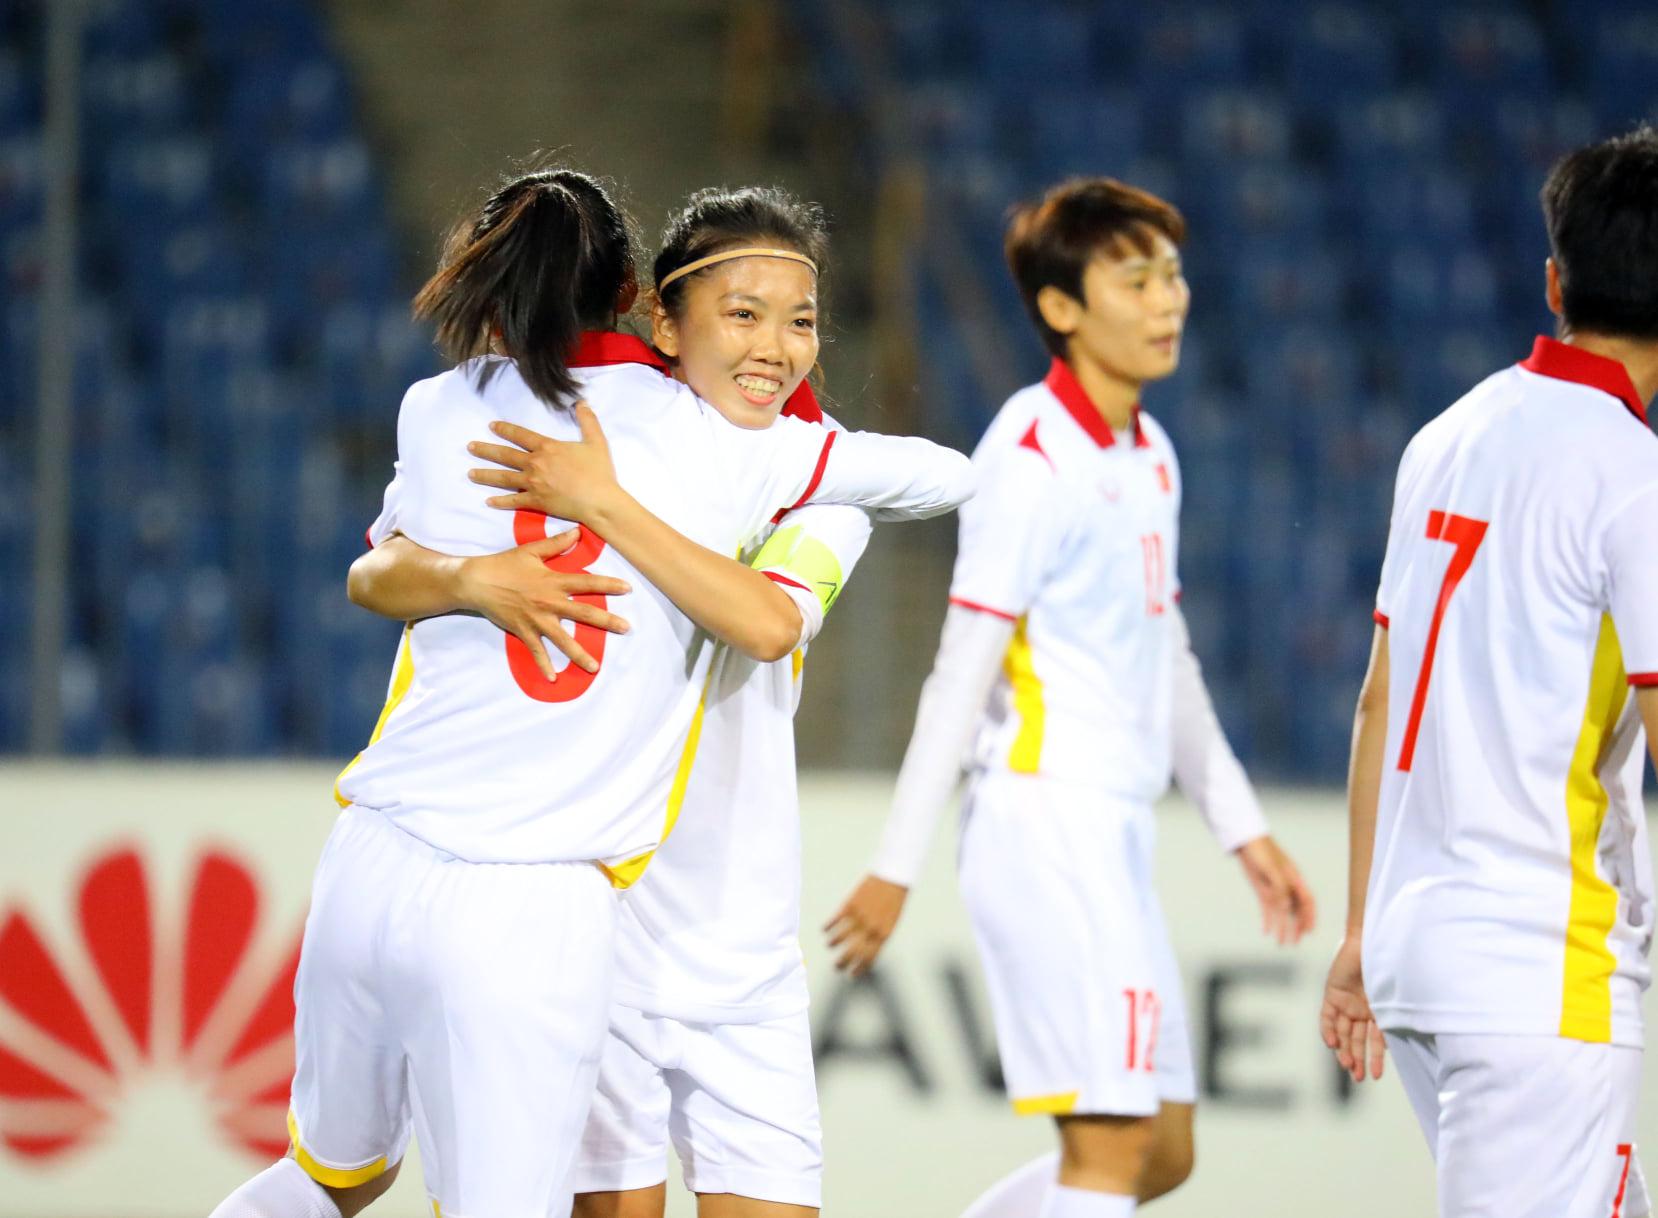 Những khoảnh khắc ấn tượng trong chiến thắng 16-0 của tuyển nữ Việt Nam - Ảnh 1.